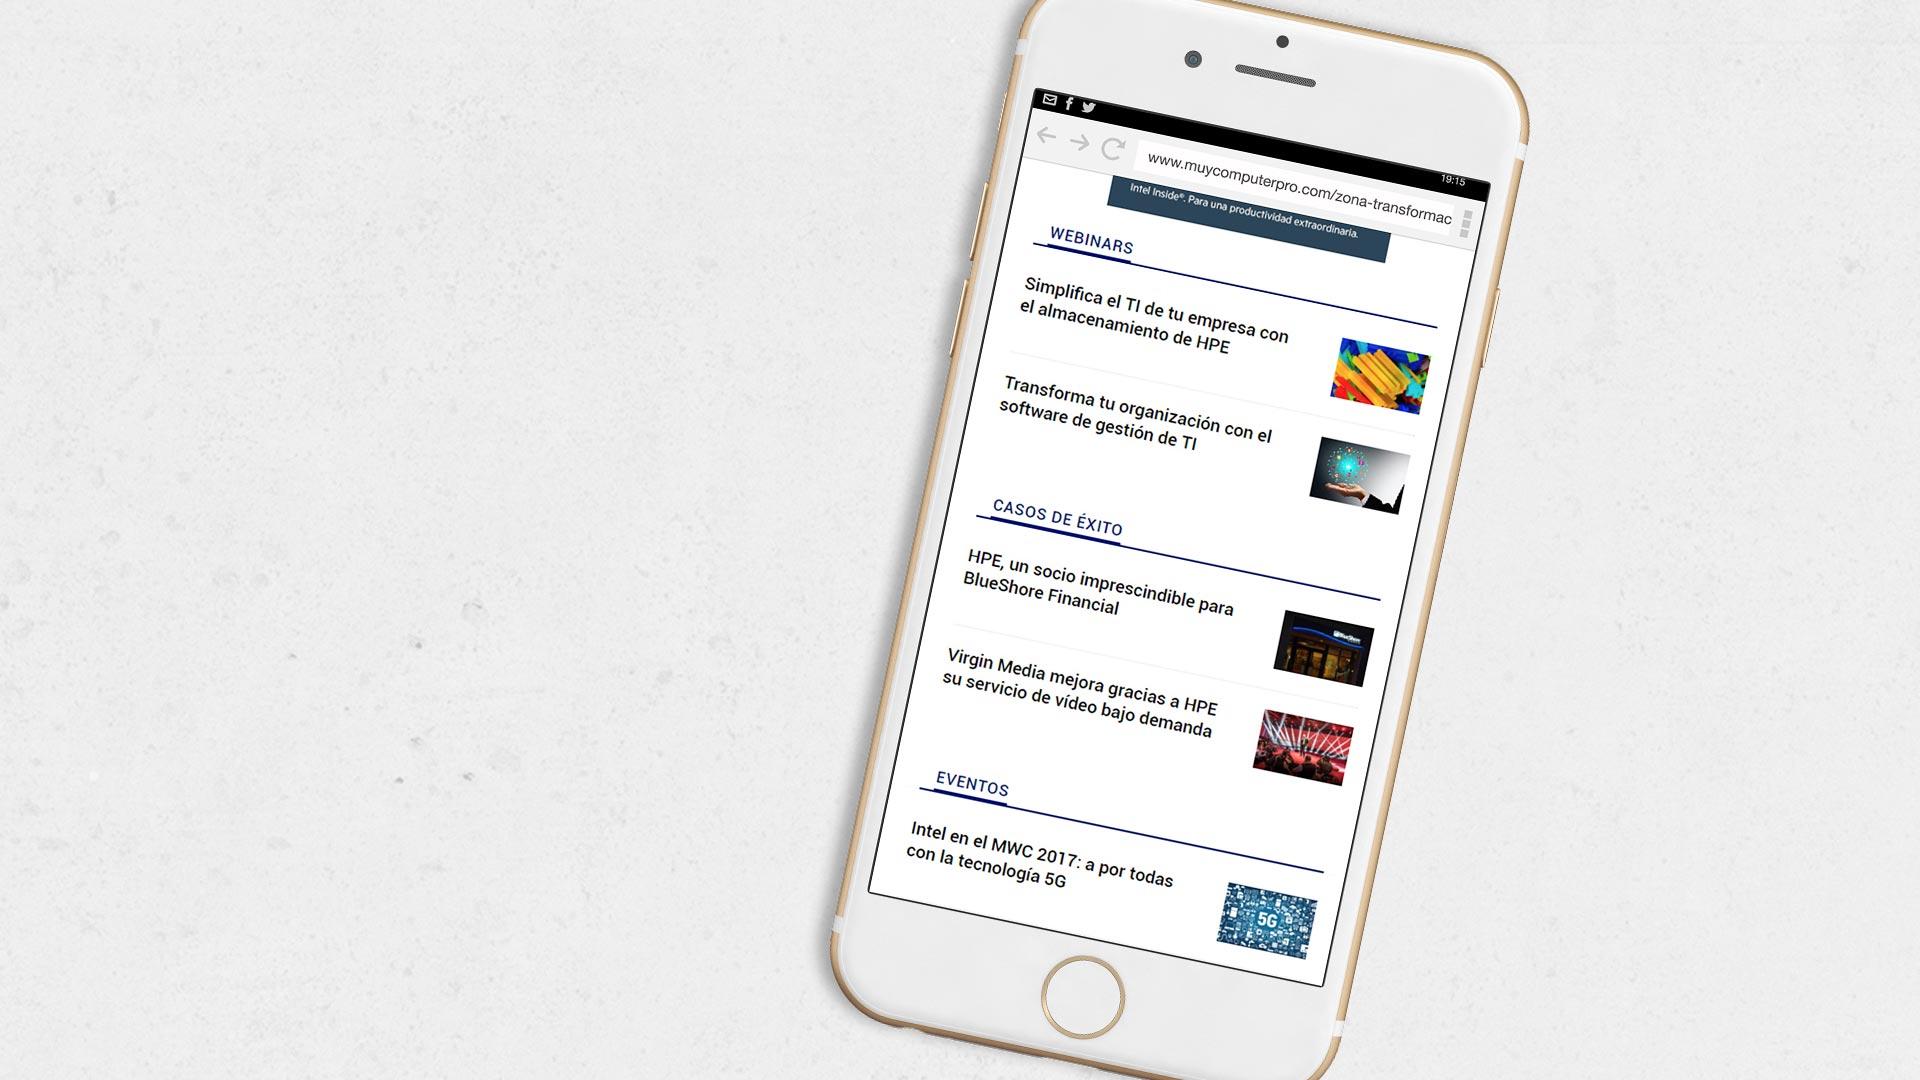 zona-hp-transformacion-digital-content-marketing-web-patrocinio-08